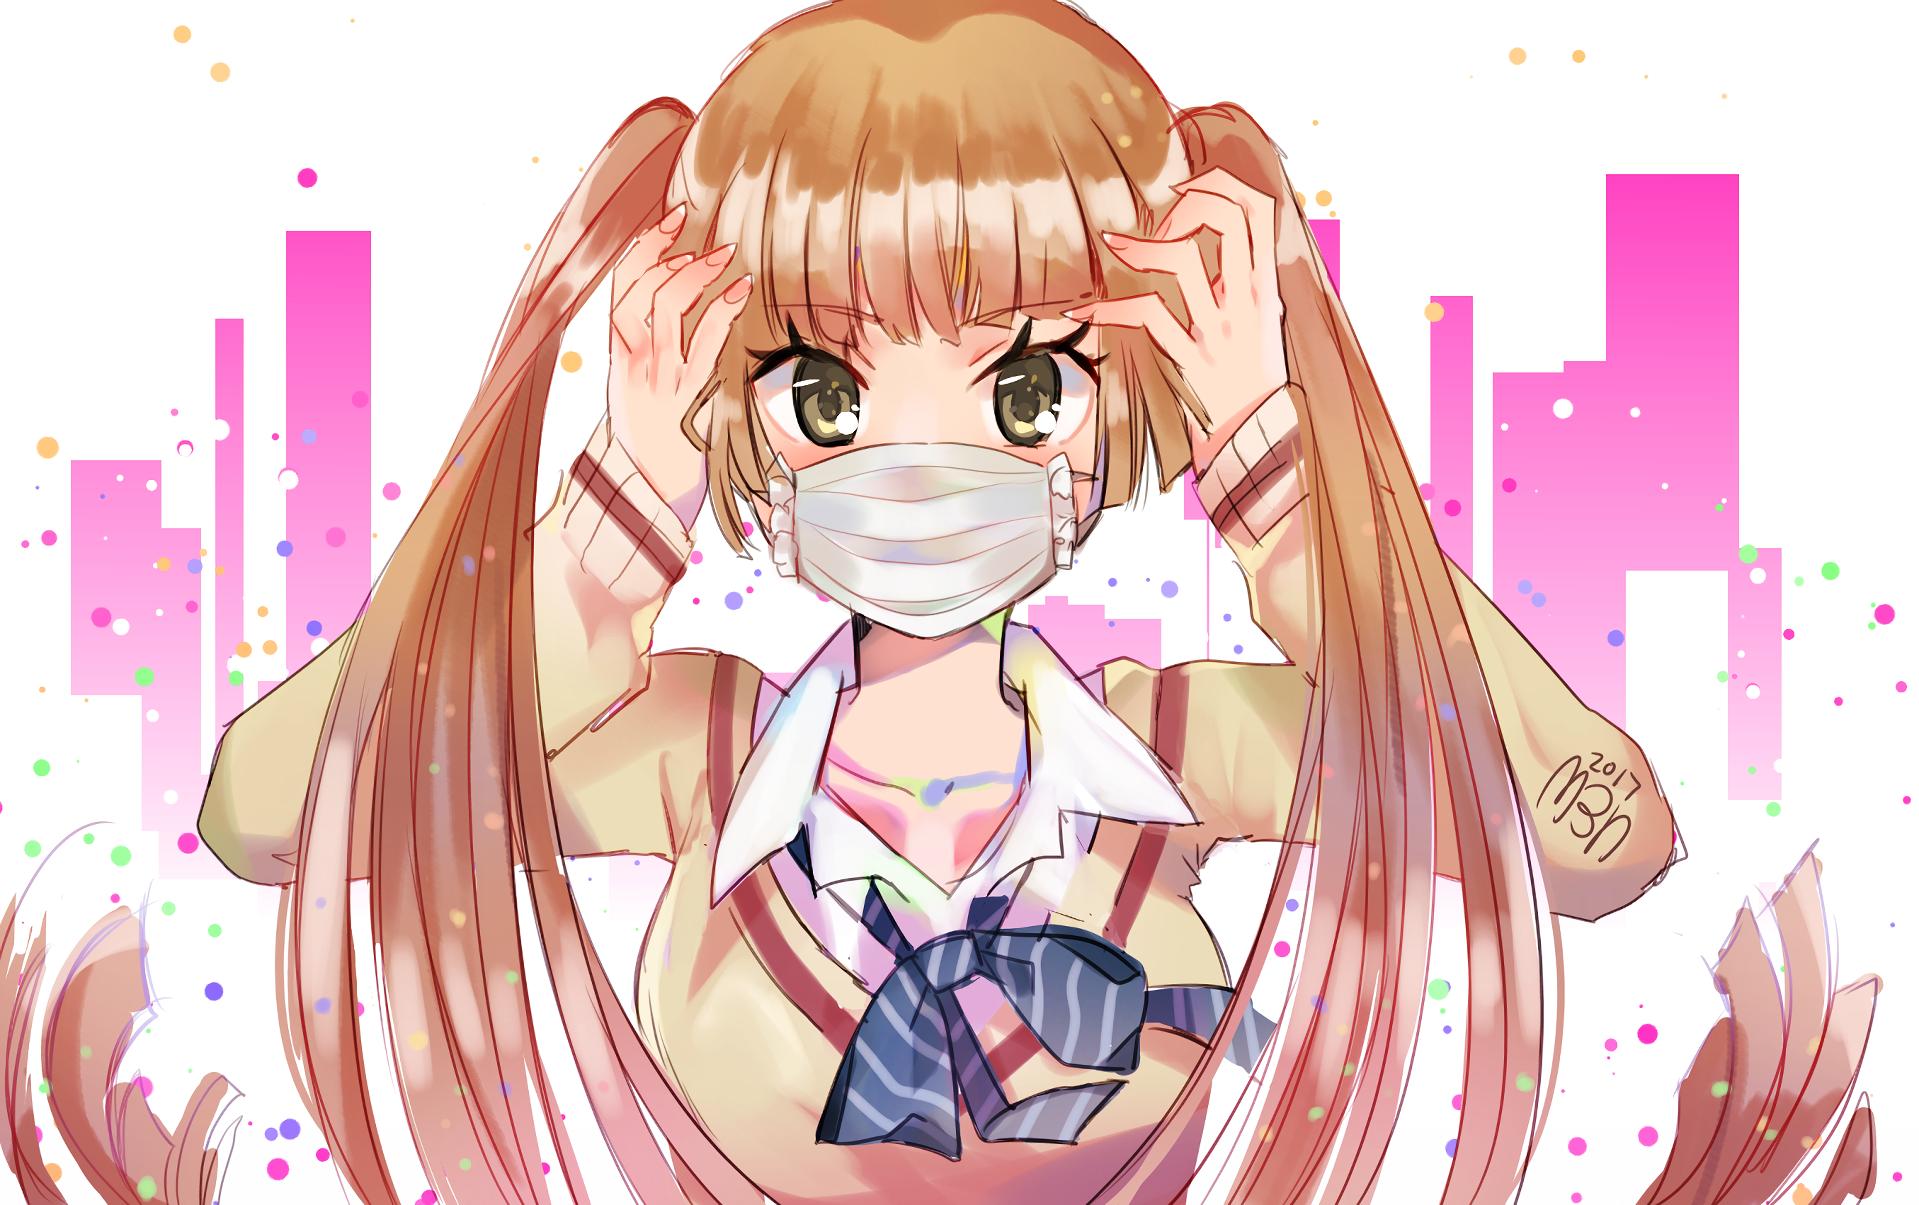 Anime Fukumenkei Noise Nino Arisugawa Wallpaper